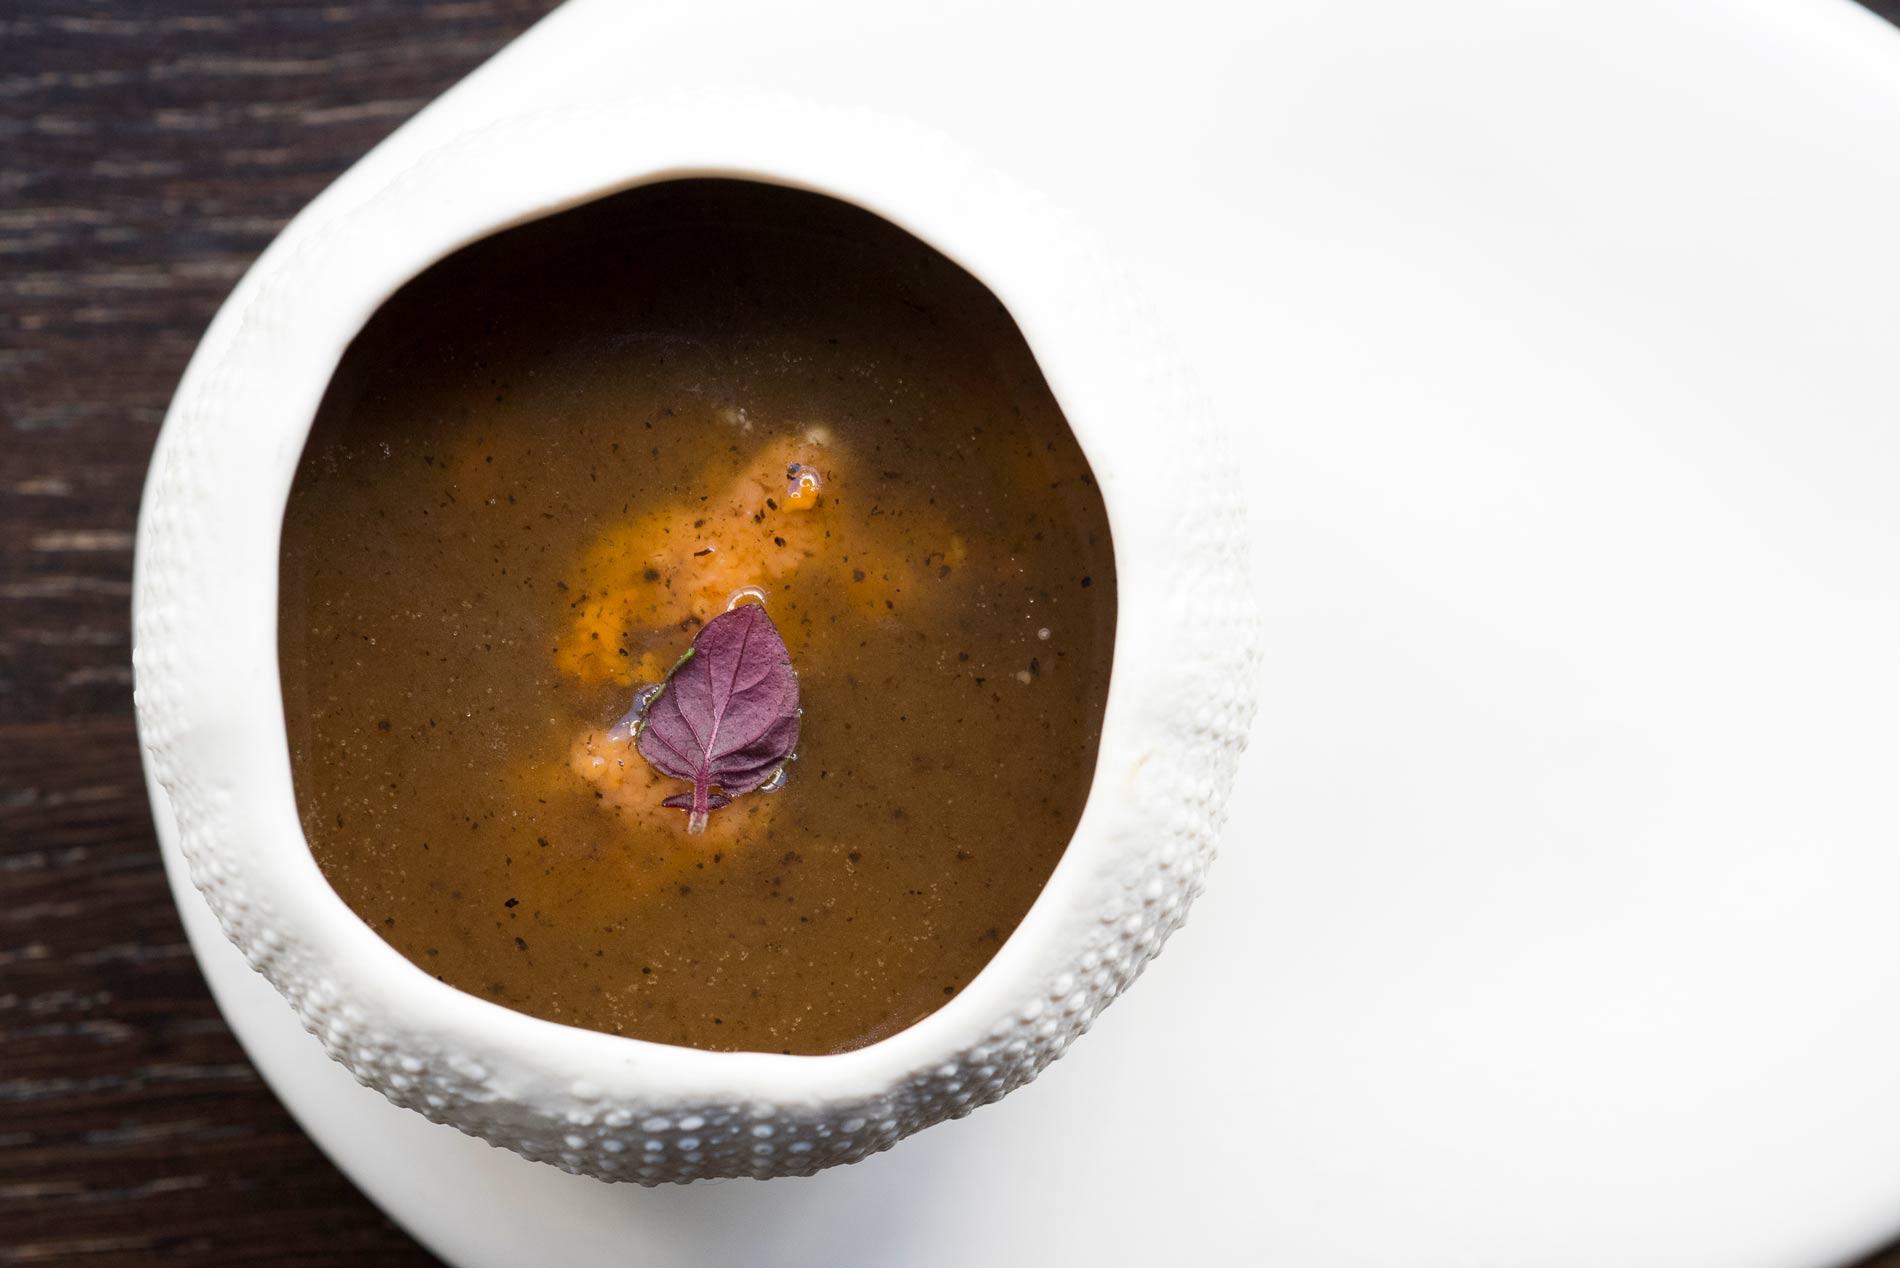 47 Ronin, el primer menú degustación maridado con tés en España